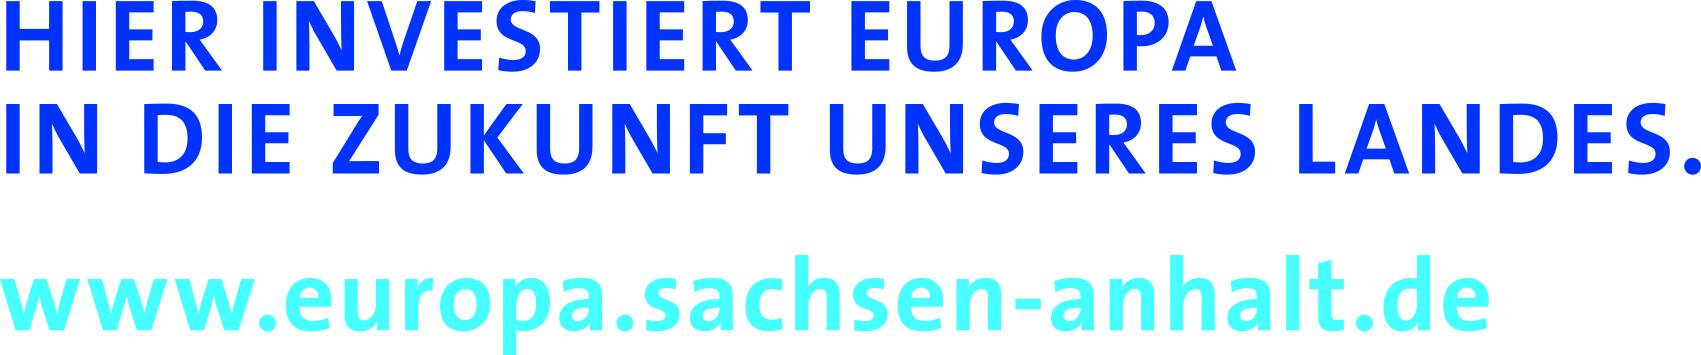 https://europa.sachsen-anhalt.de/fileadmin/Bibliothek/Politik_und_Verwaltung/StK/Europa/ESI-Fonds-Neu_2017/Bilder/Logos/EFRE/EFRE_hier.investiert.europa.in.d.zukunft_4c_print.jpg